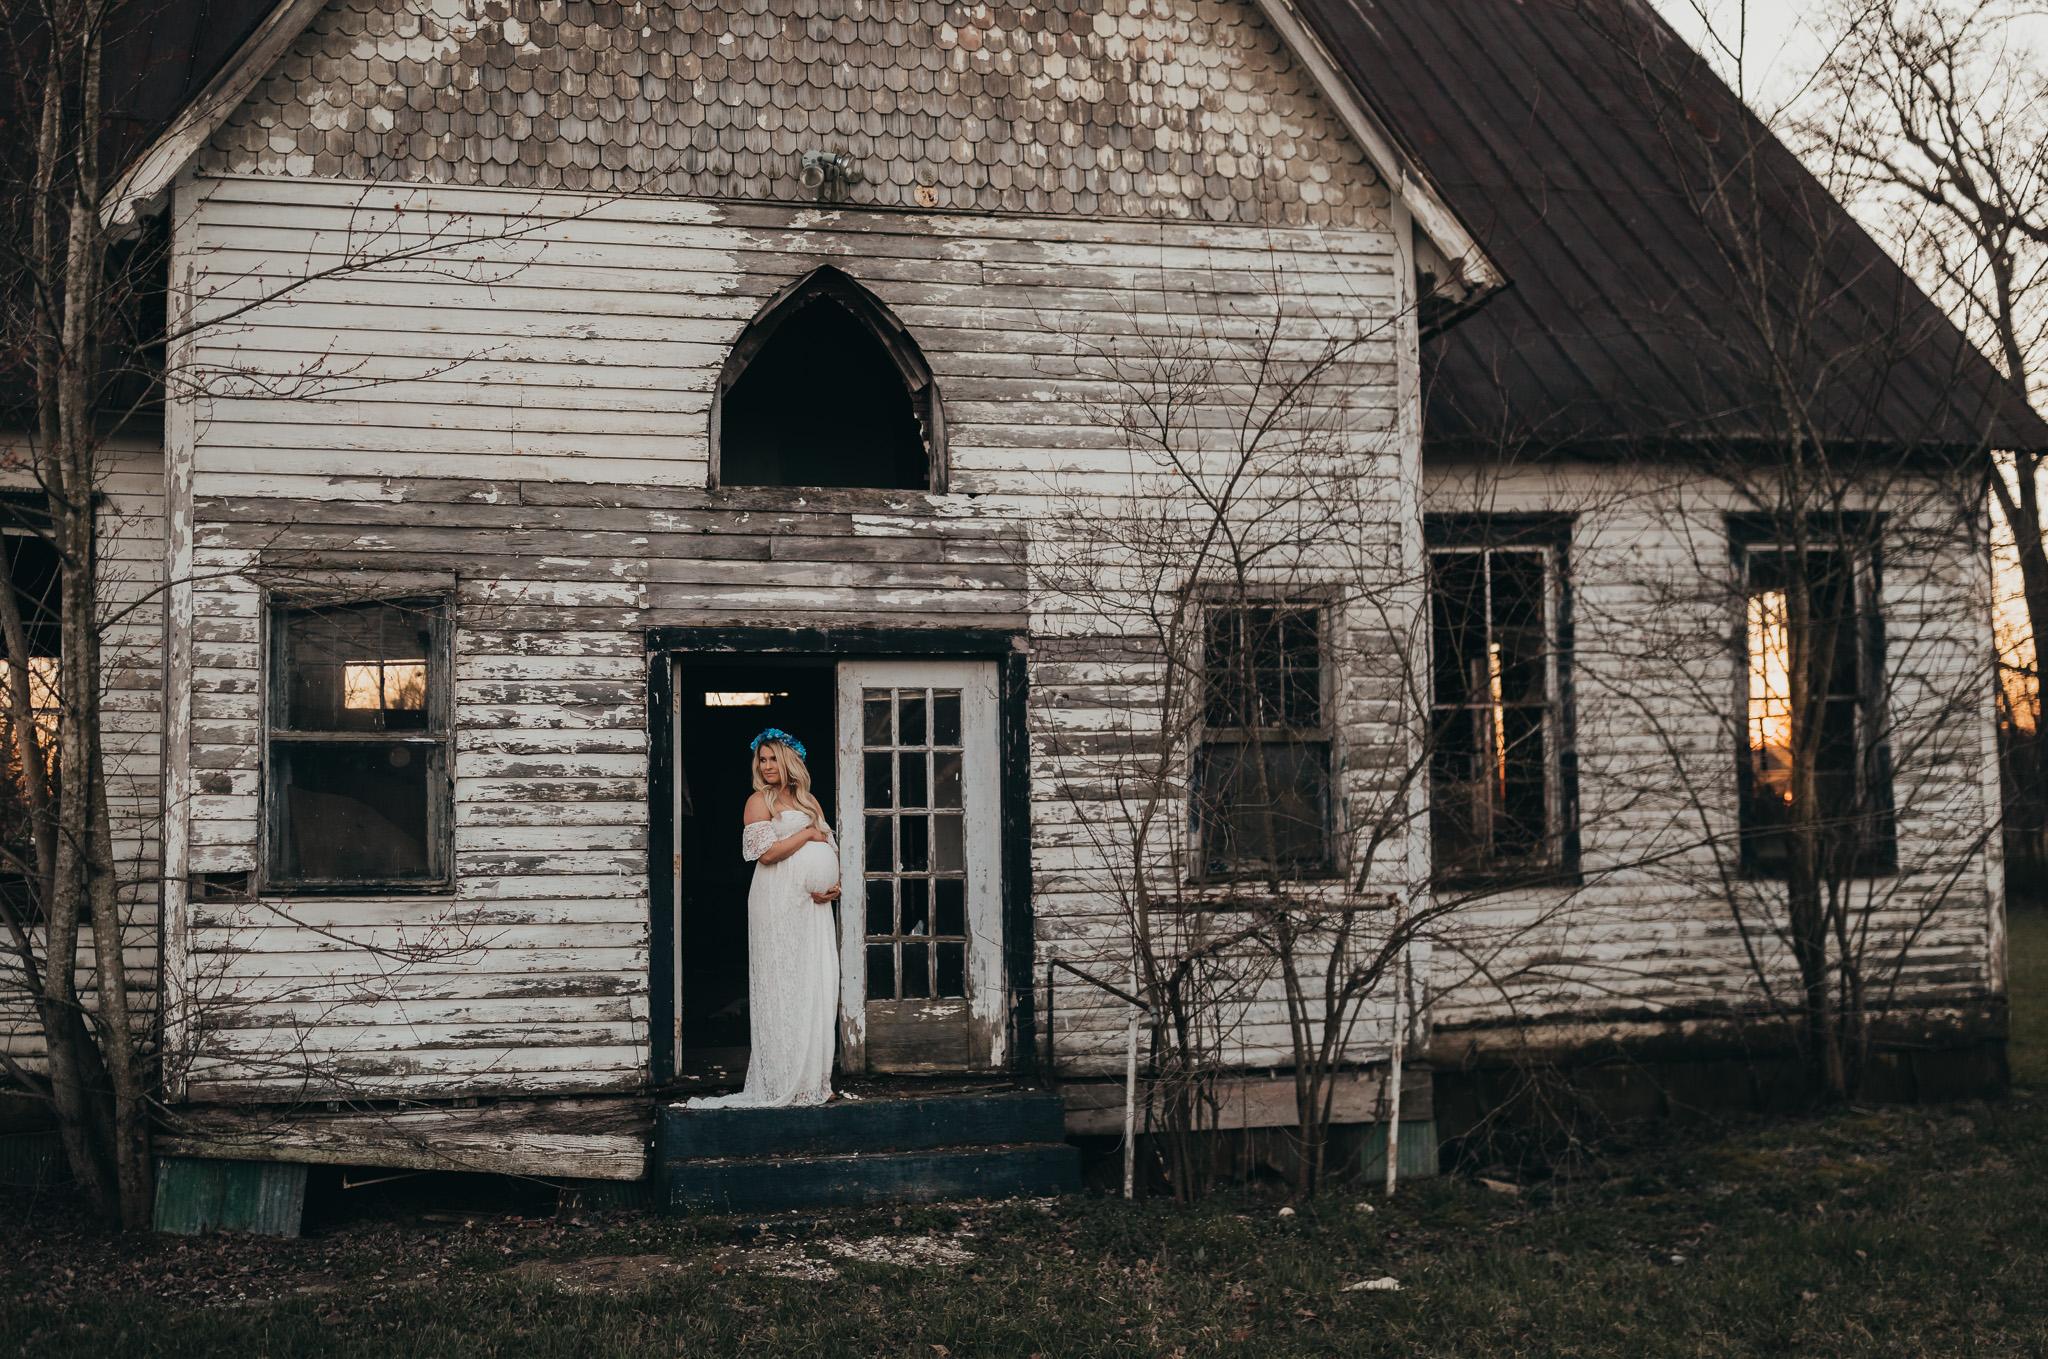 JulieIgoPhotography-15mar19-momsen-31.jpg